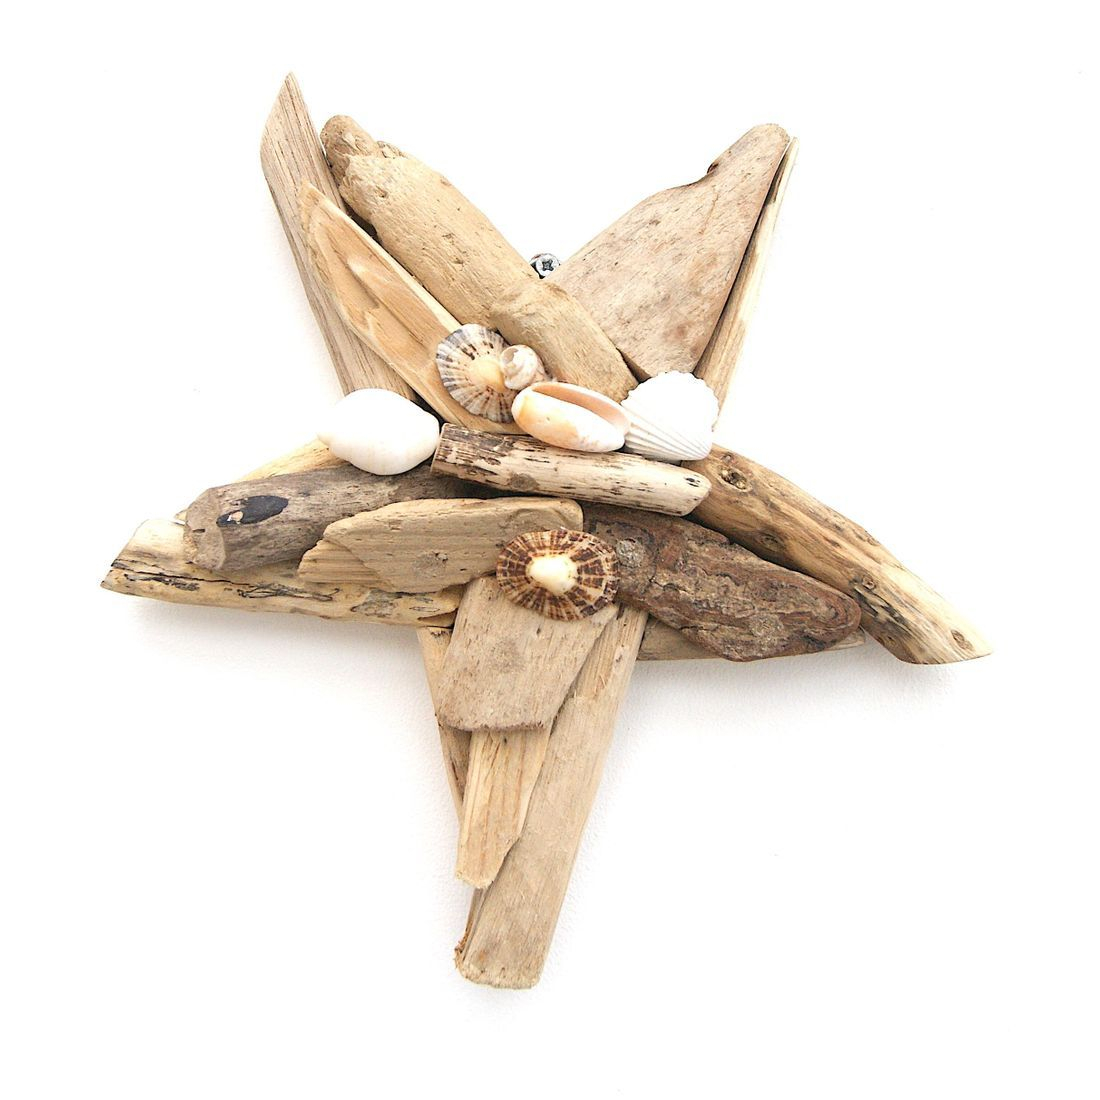 Driftwood Starfish 5